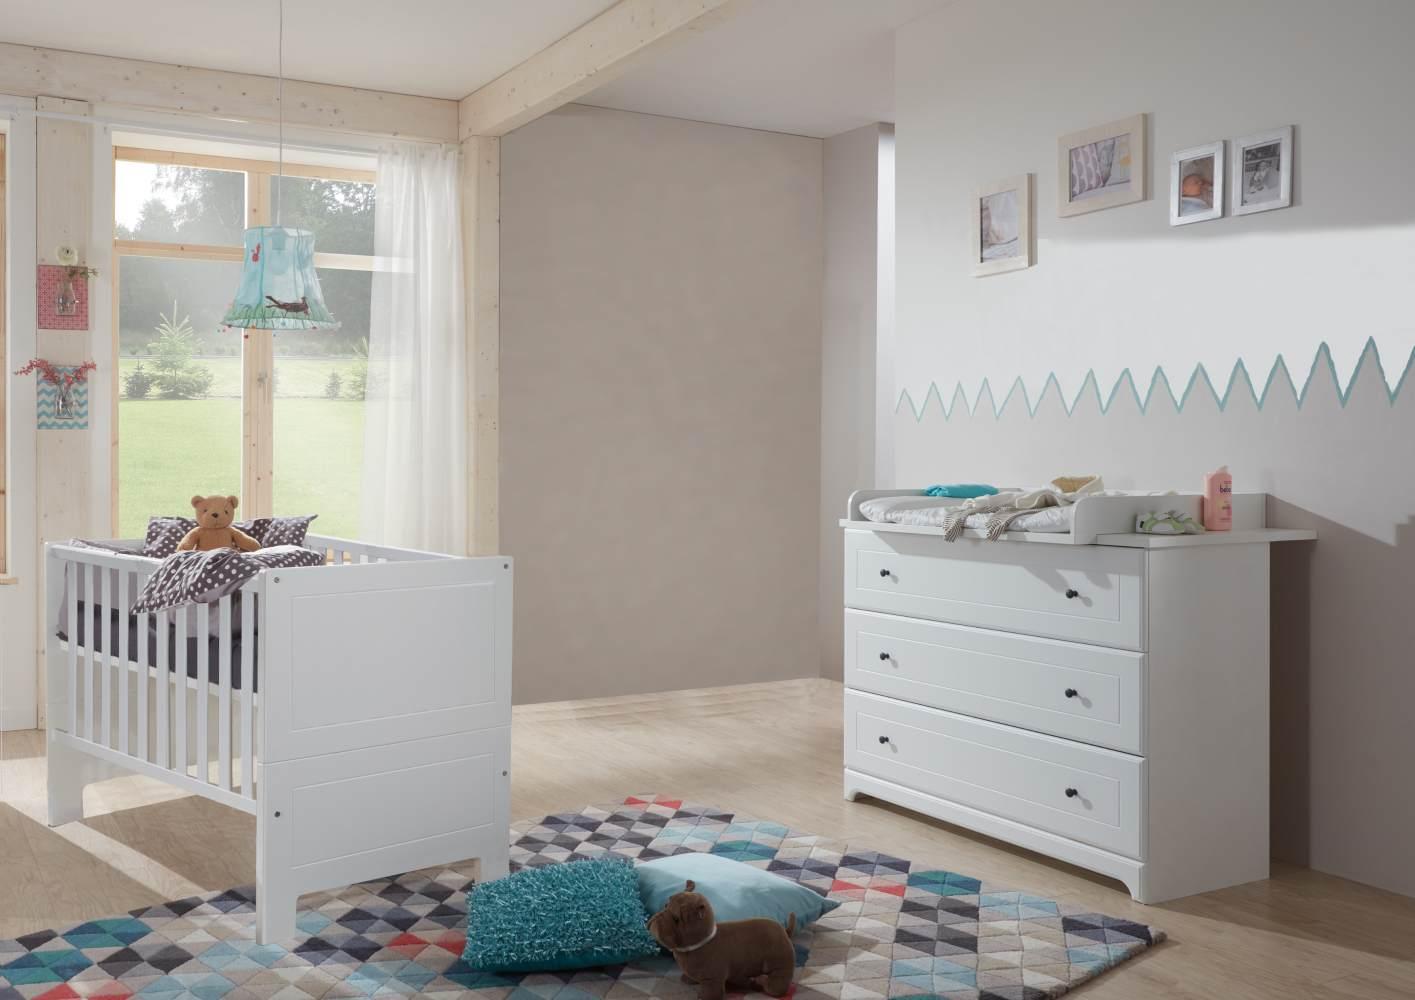 Arthur Berndt 'Thilo' Babyzimmer Sparset 2-teilig, Kinderbett (70 x 140 cm) und Wickelkommode mit Wickelaufsatz MDF Weiß Bild 1